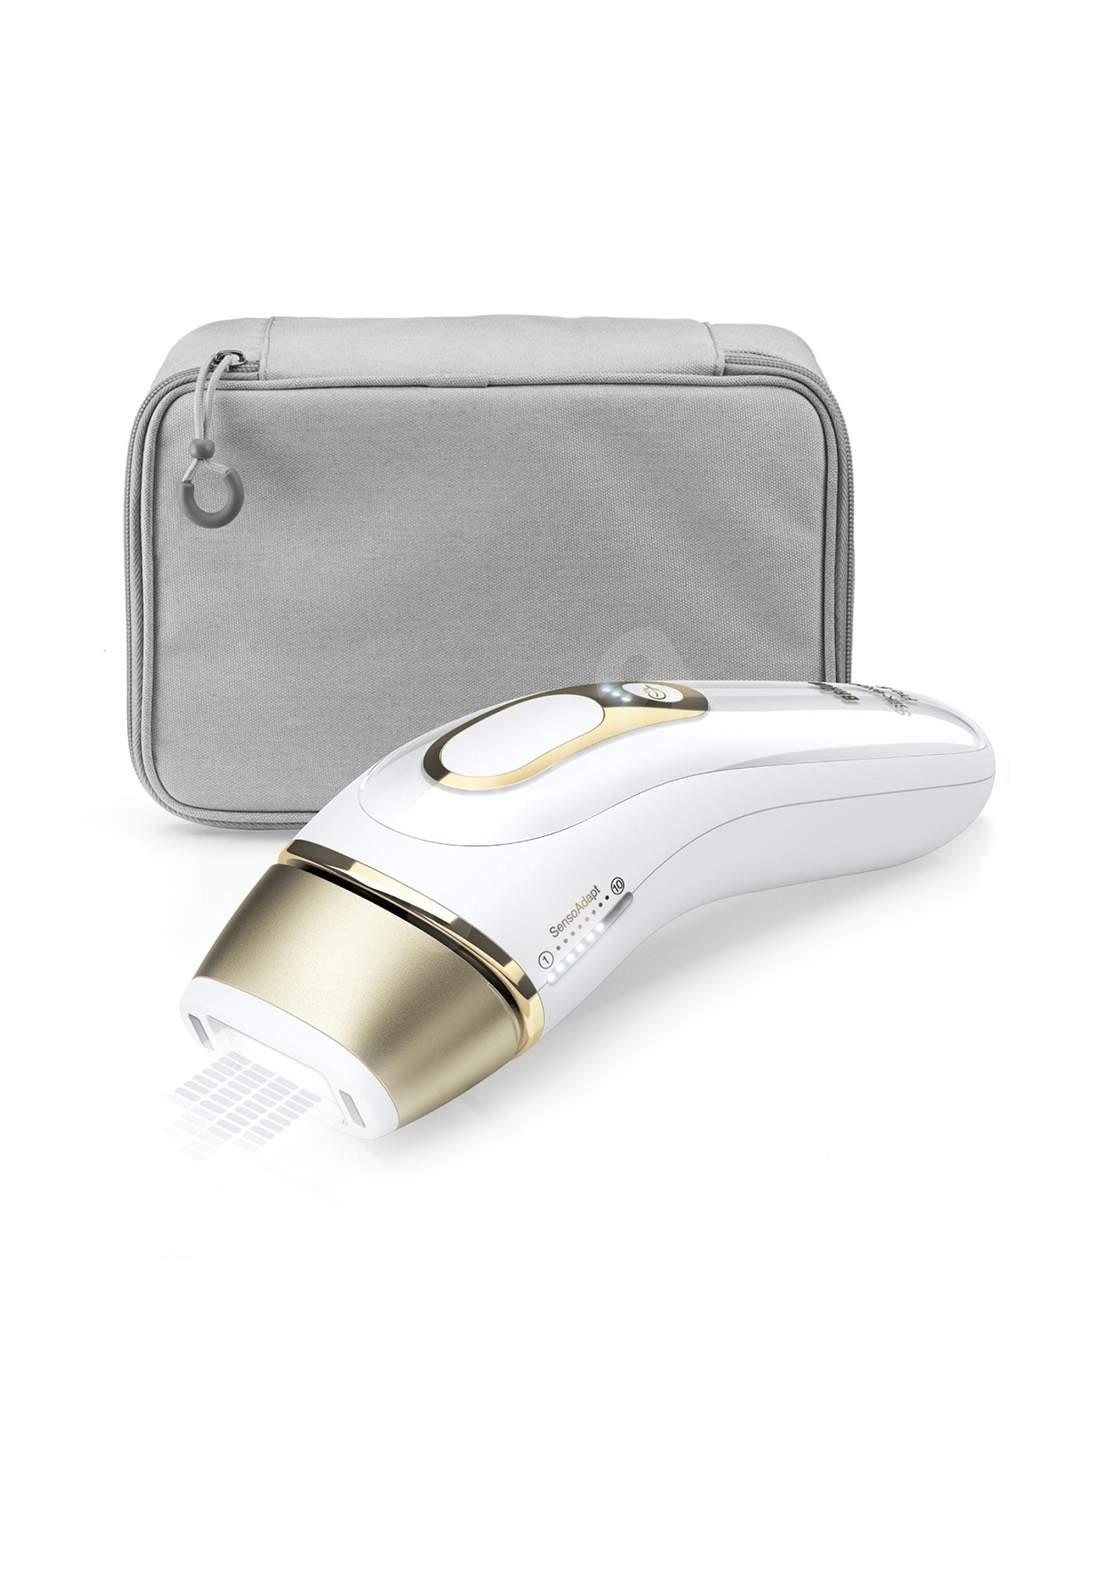 Braun  IPL PL5014  Silk-expert Pro 5 جهاز إزالة الشعر